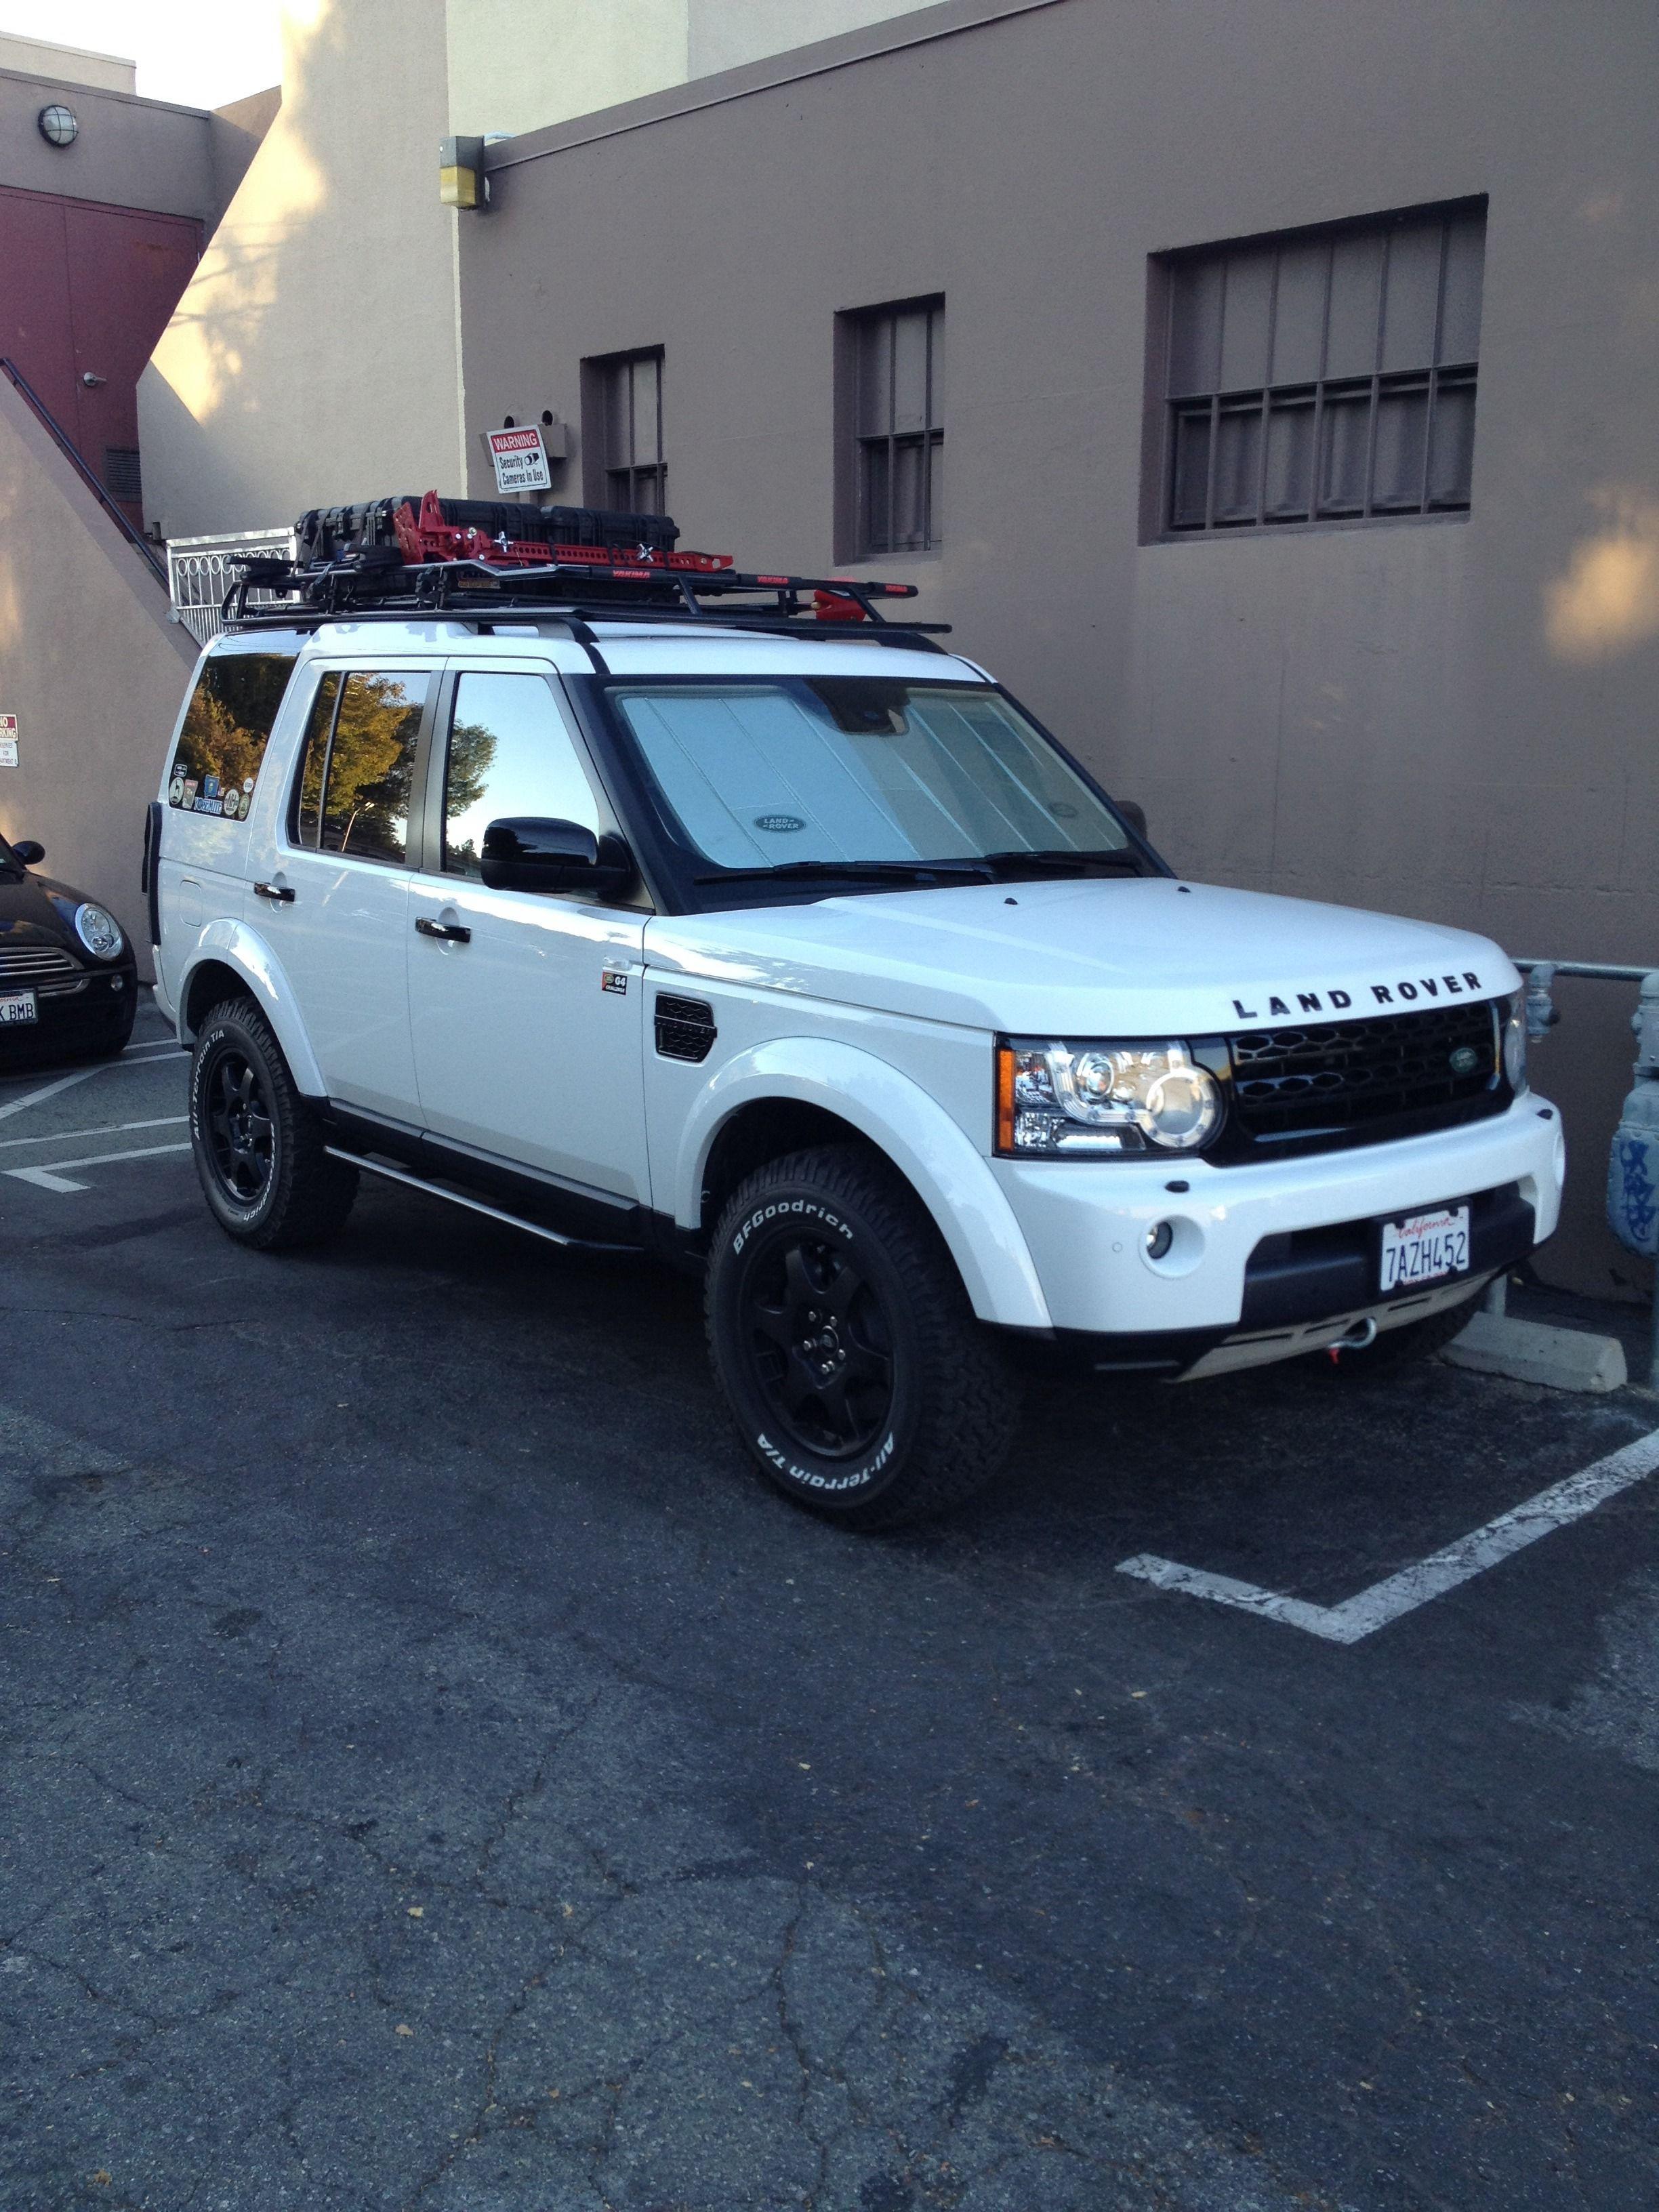 Lr4 Off Road Overlanding Land Rover Lr4 Pinterest Offroad